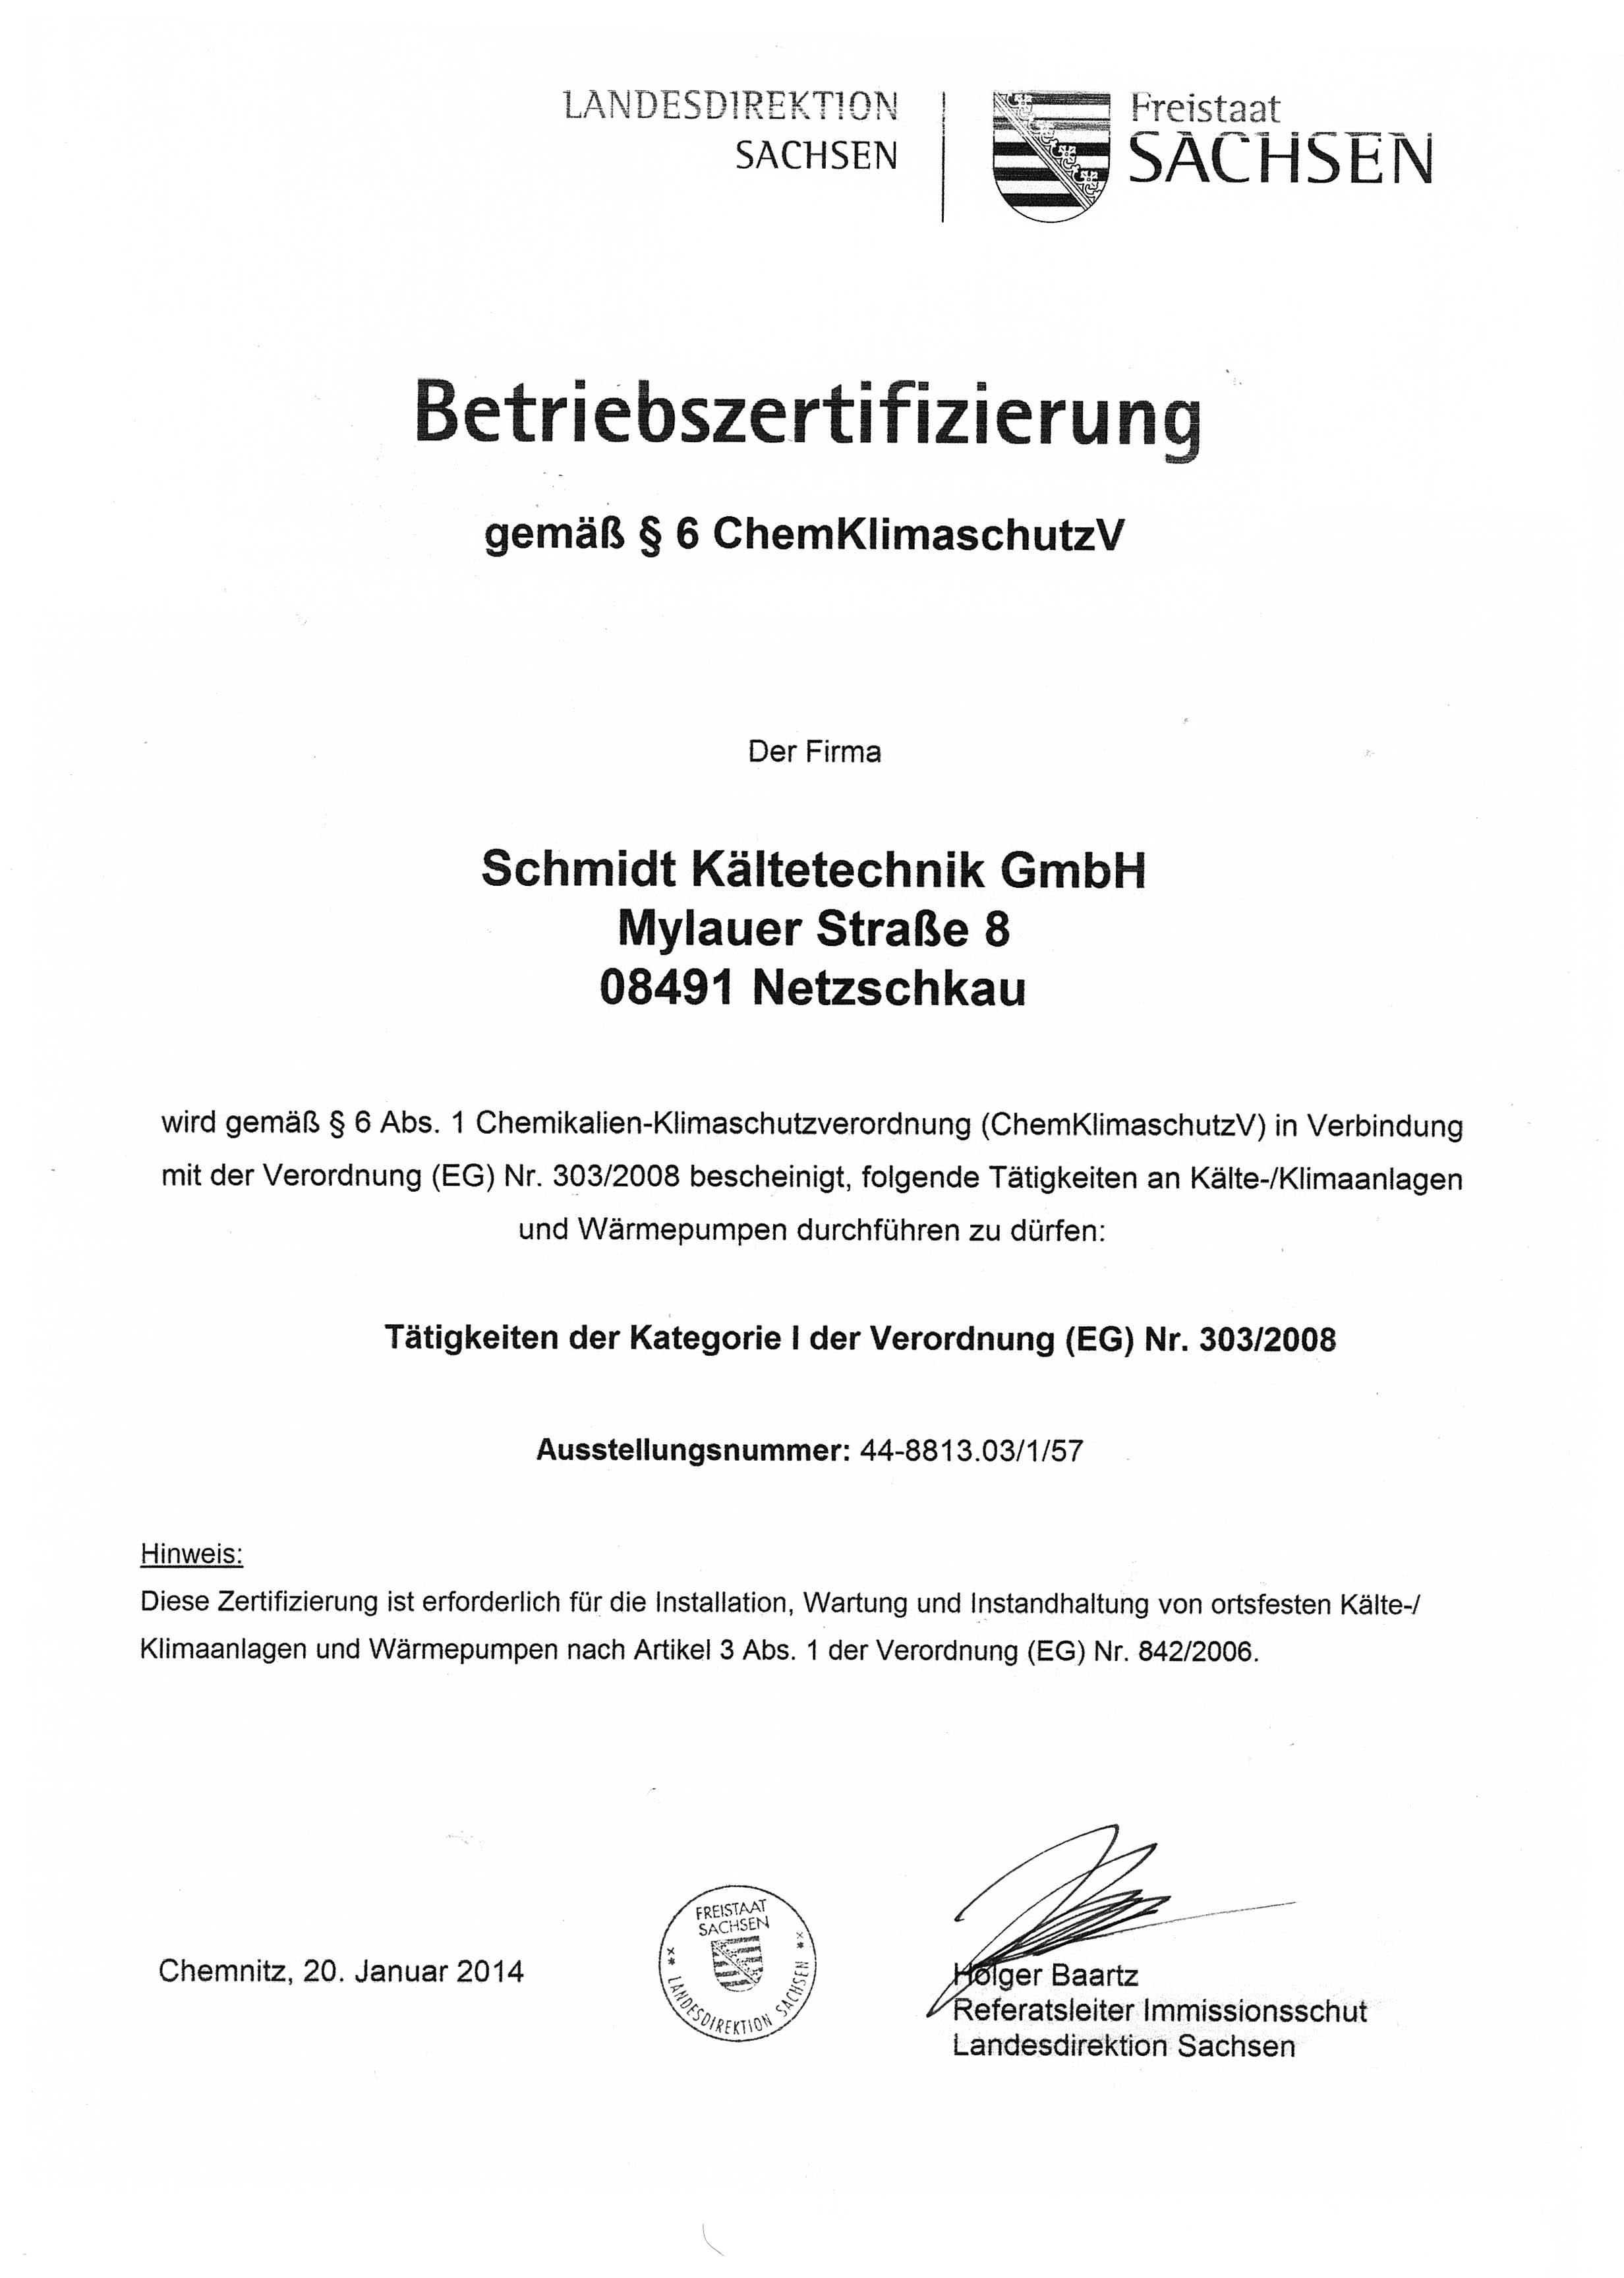 Betriebszertifizierung nach §6 ChemKlimaschutzV